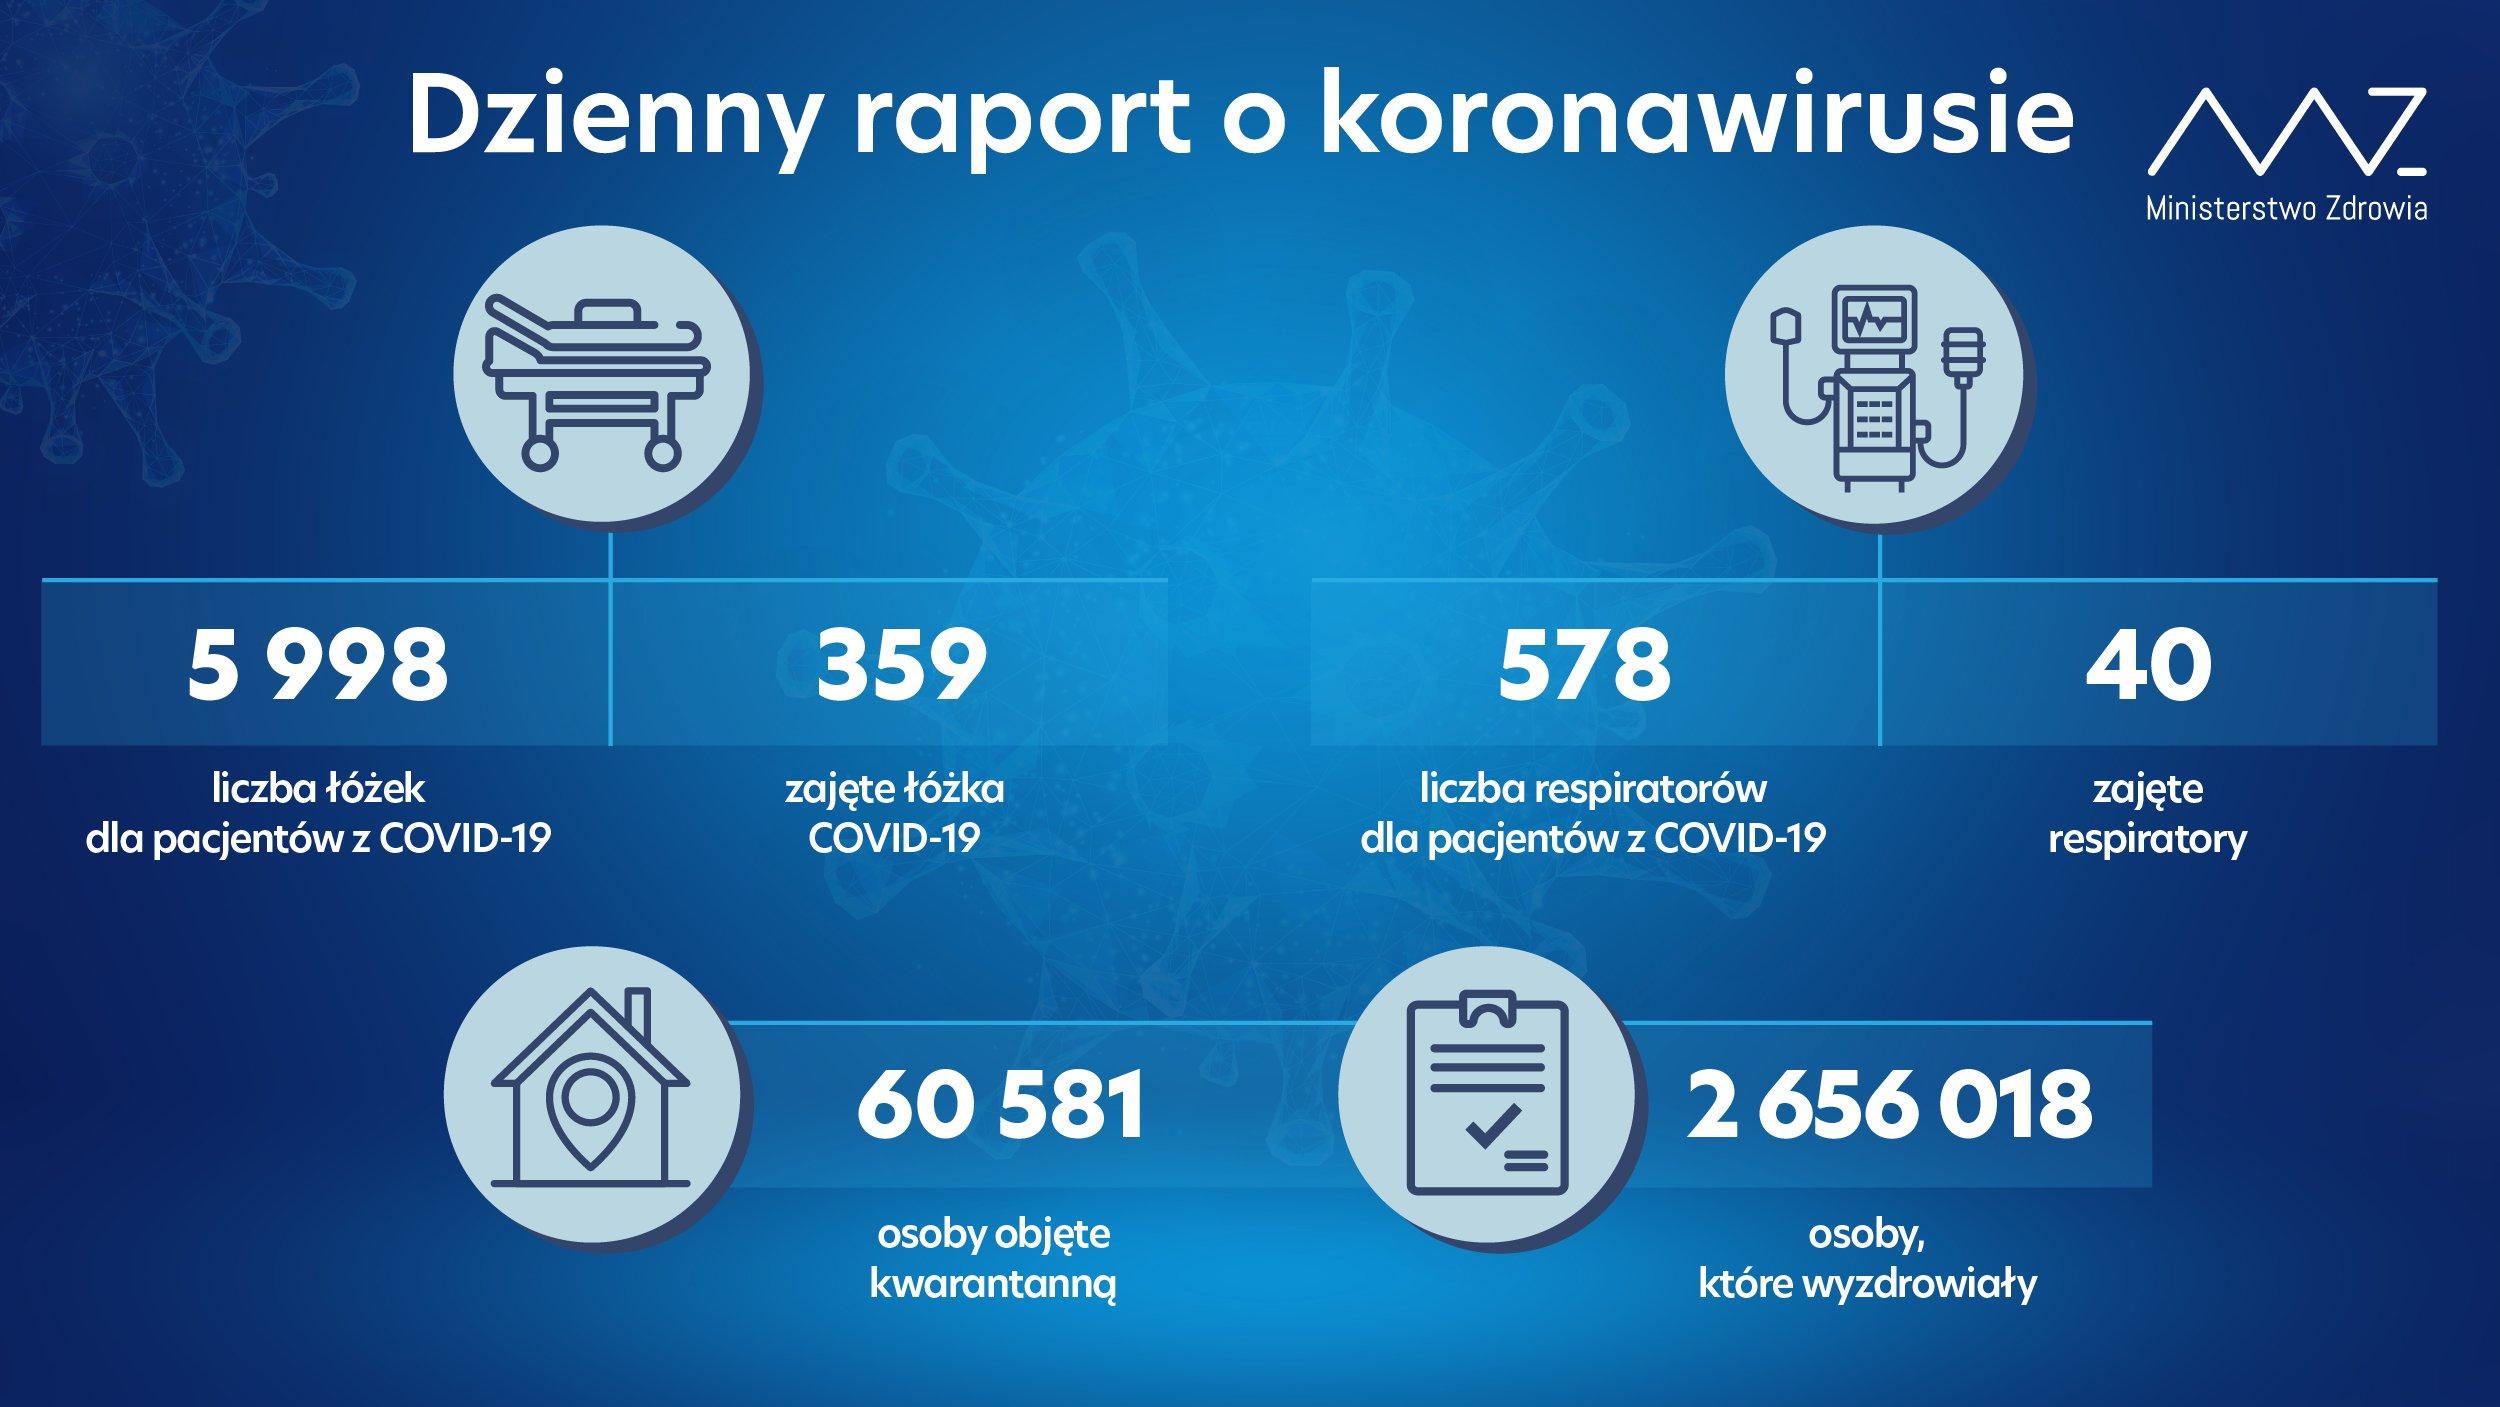 Koronawirus w Polsce 21 sierpnia 2021 roku - raport Ministerstwa Zdrowia